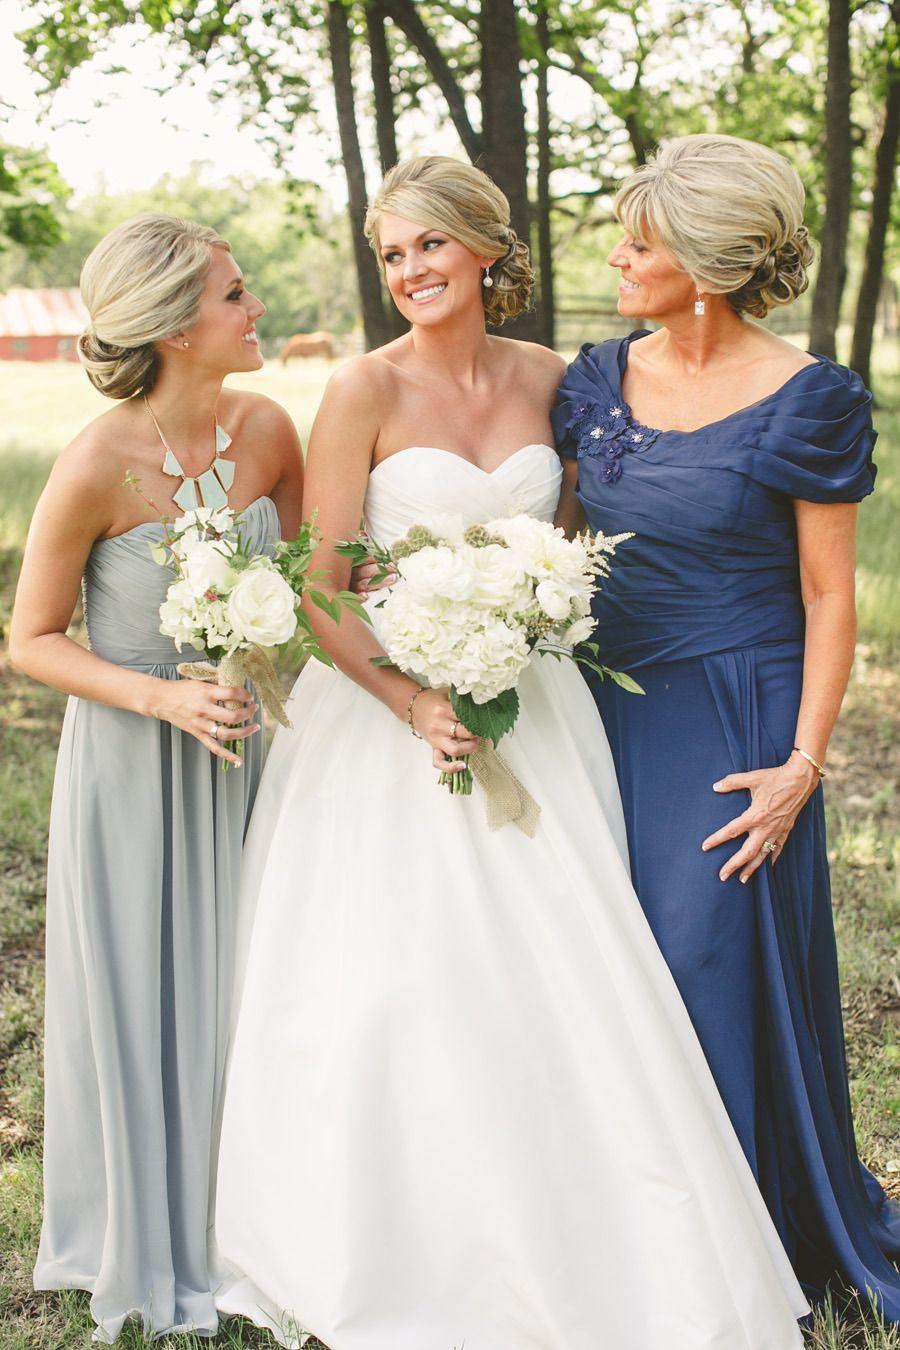 Berühmt Tiffany Blau Und Silber Brautjunferkleider Ideen ...